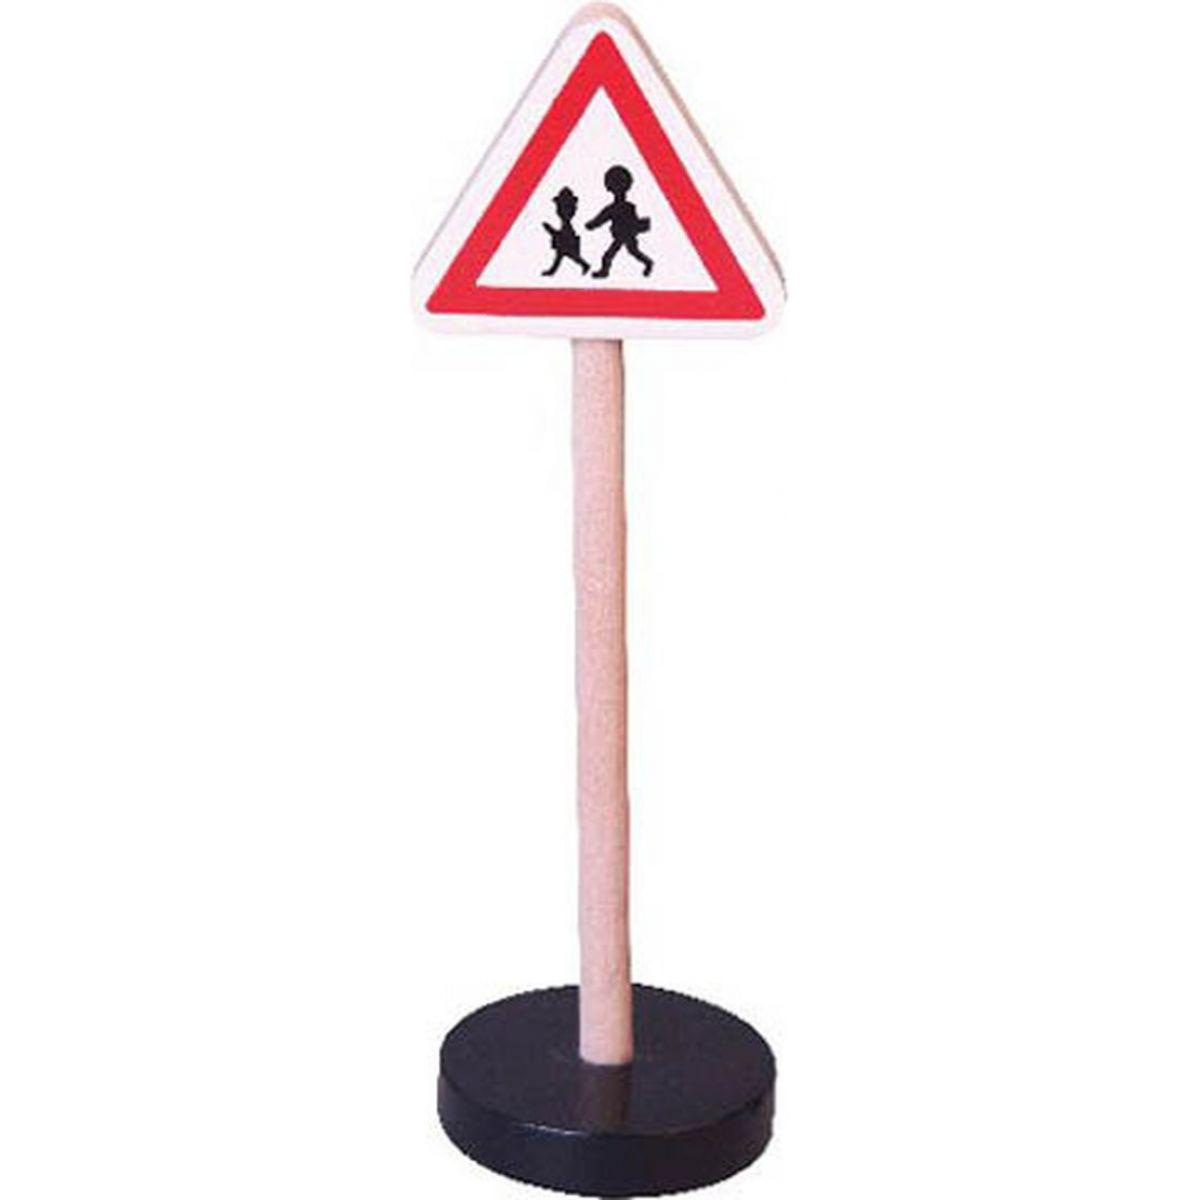 Studo Wood Značka - pozor děti